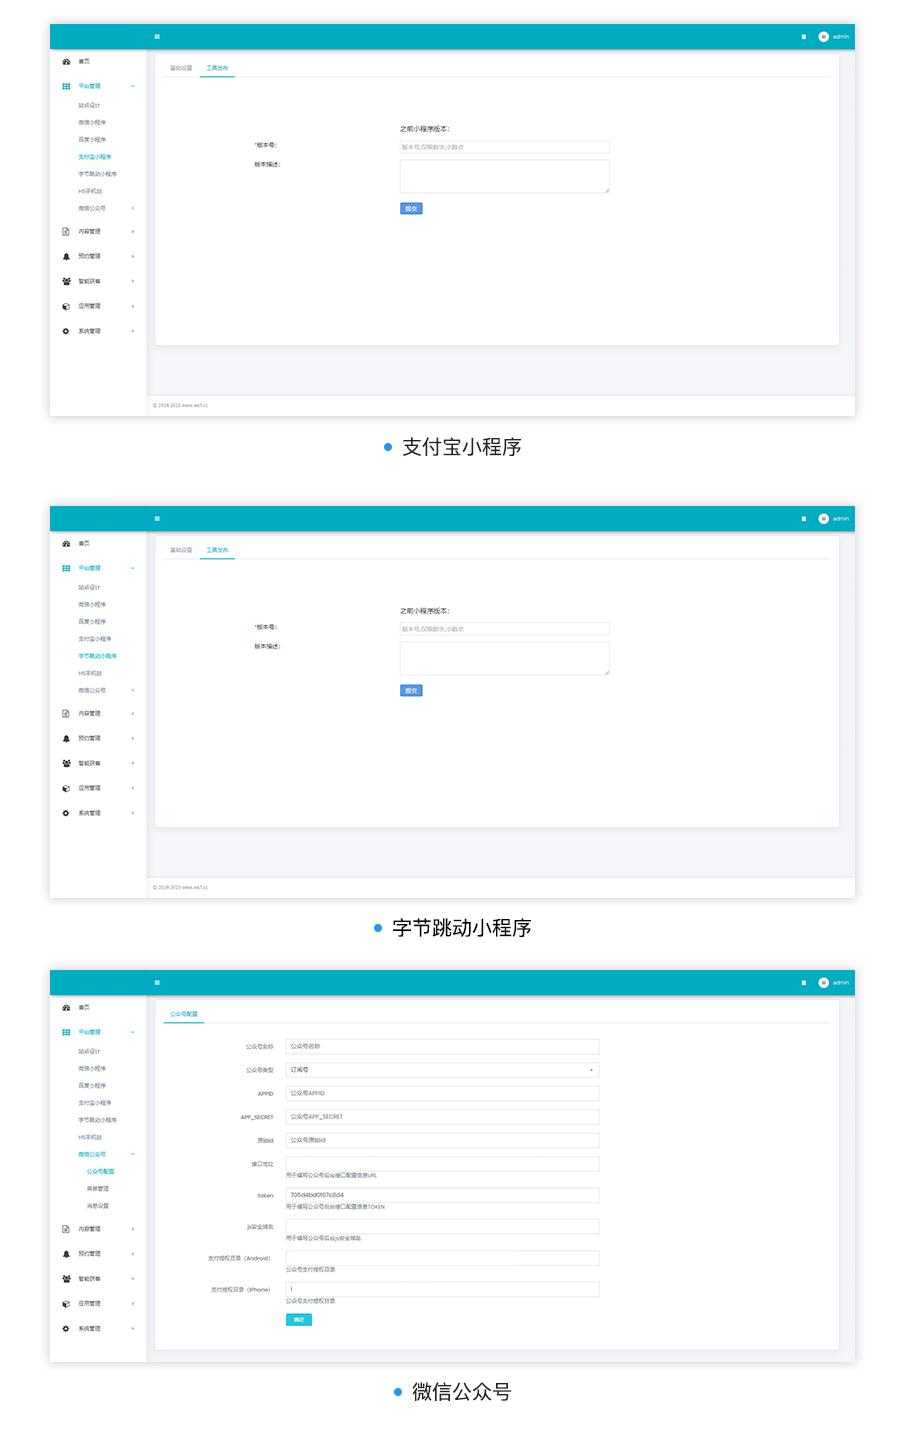 006多平台企业官网.png